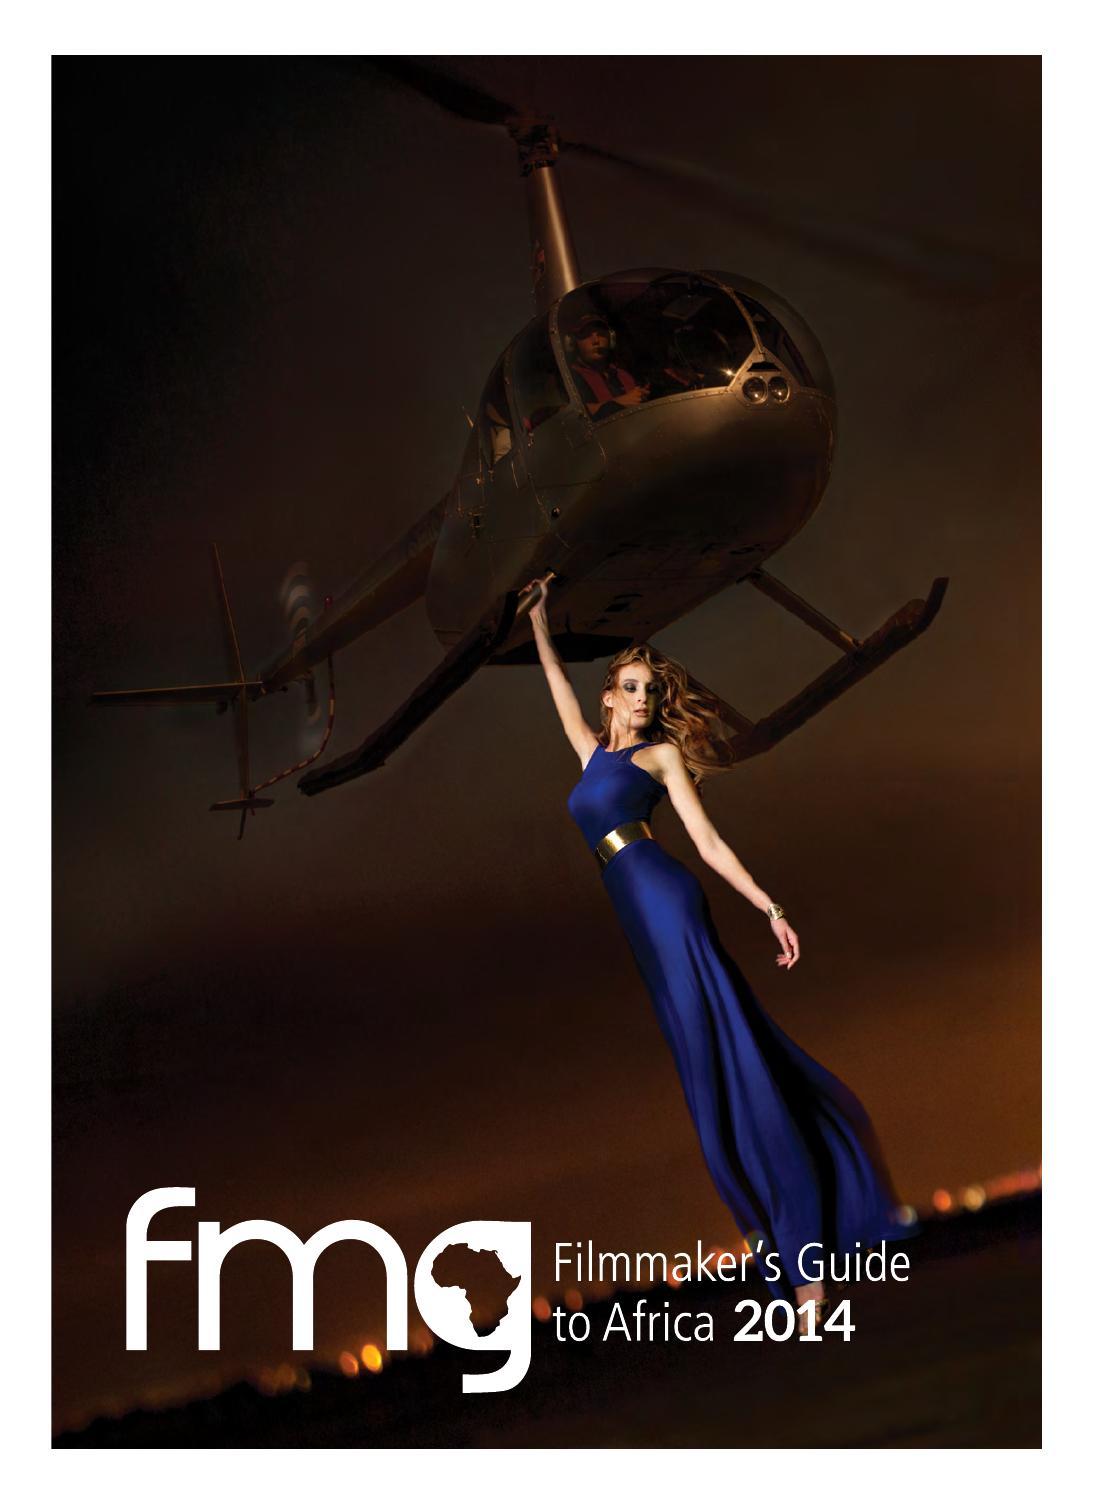 fabrikspris söt stor rabatt FMG 2014 by Film & Event Media - issuu